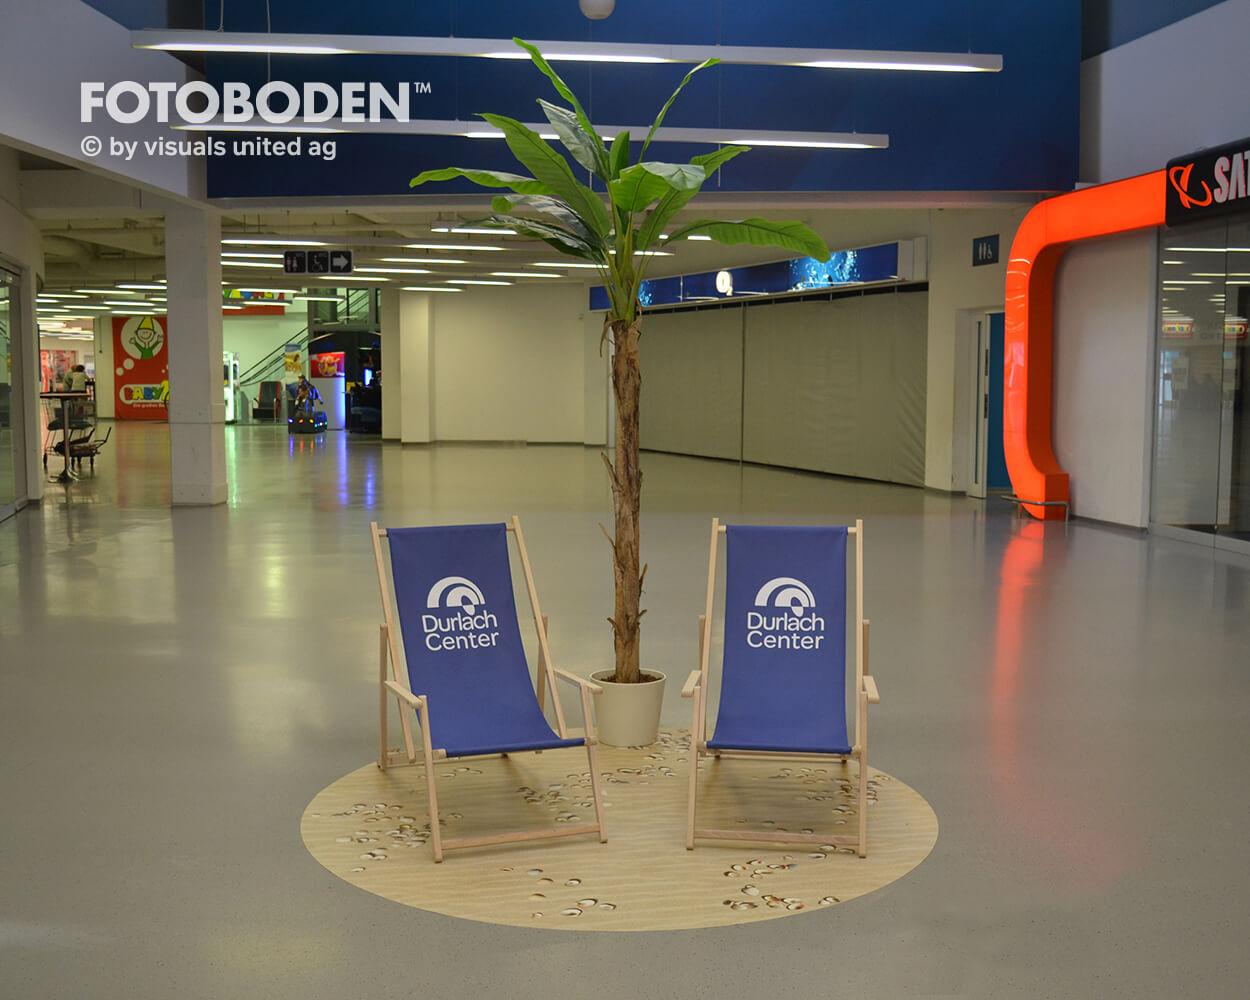 DC2 Fotoboden Flooring Fußboden Bodengestaltung Floorminder Bodendruck Werbung Fußbodenwerbung Bodenwerbung Merchandising Advertising Visualmerchandising